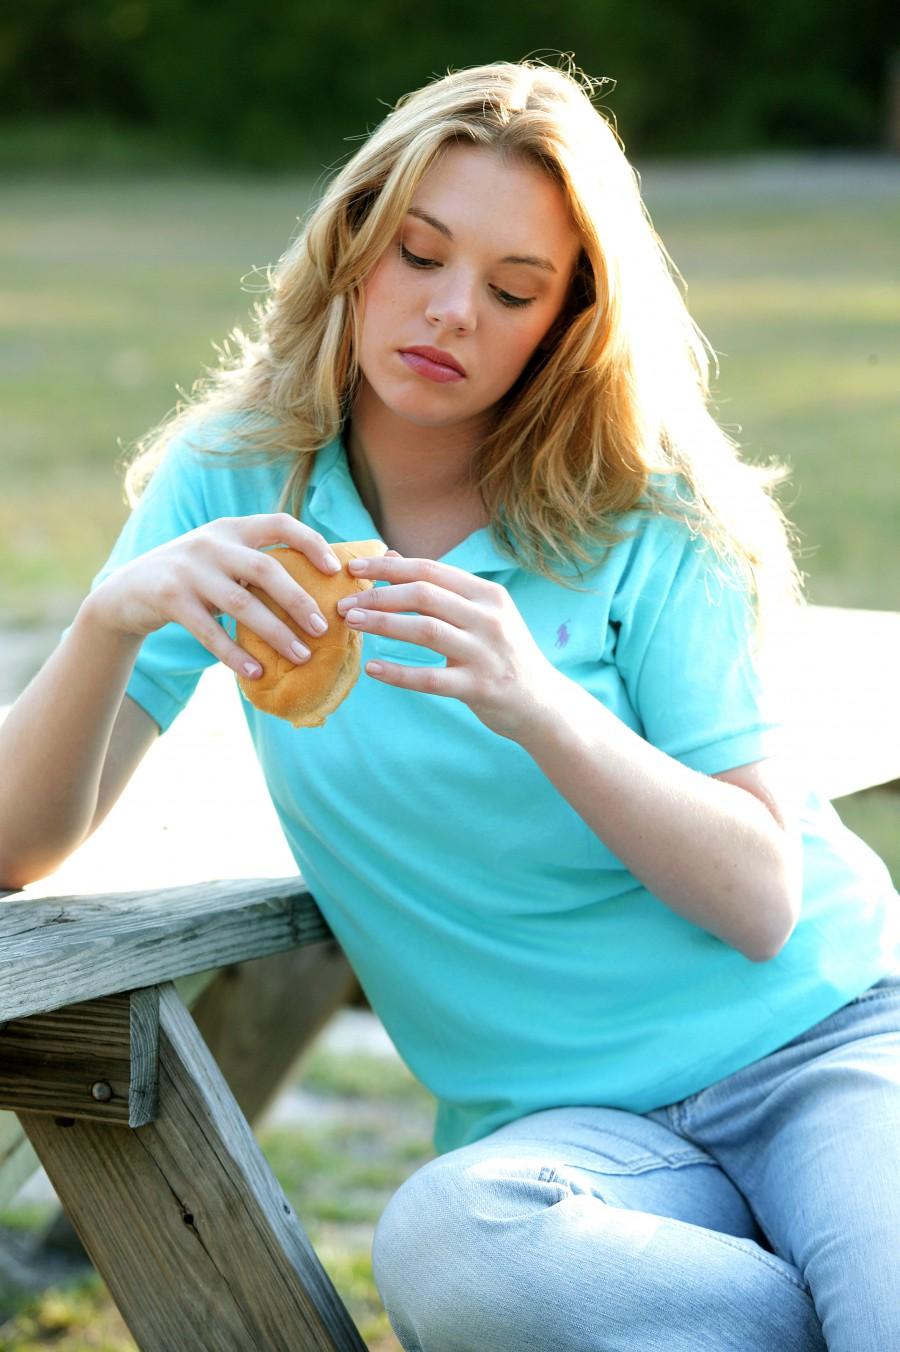 Femeile si conceptiile gresite despre pierderea in greutate